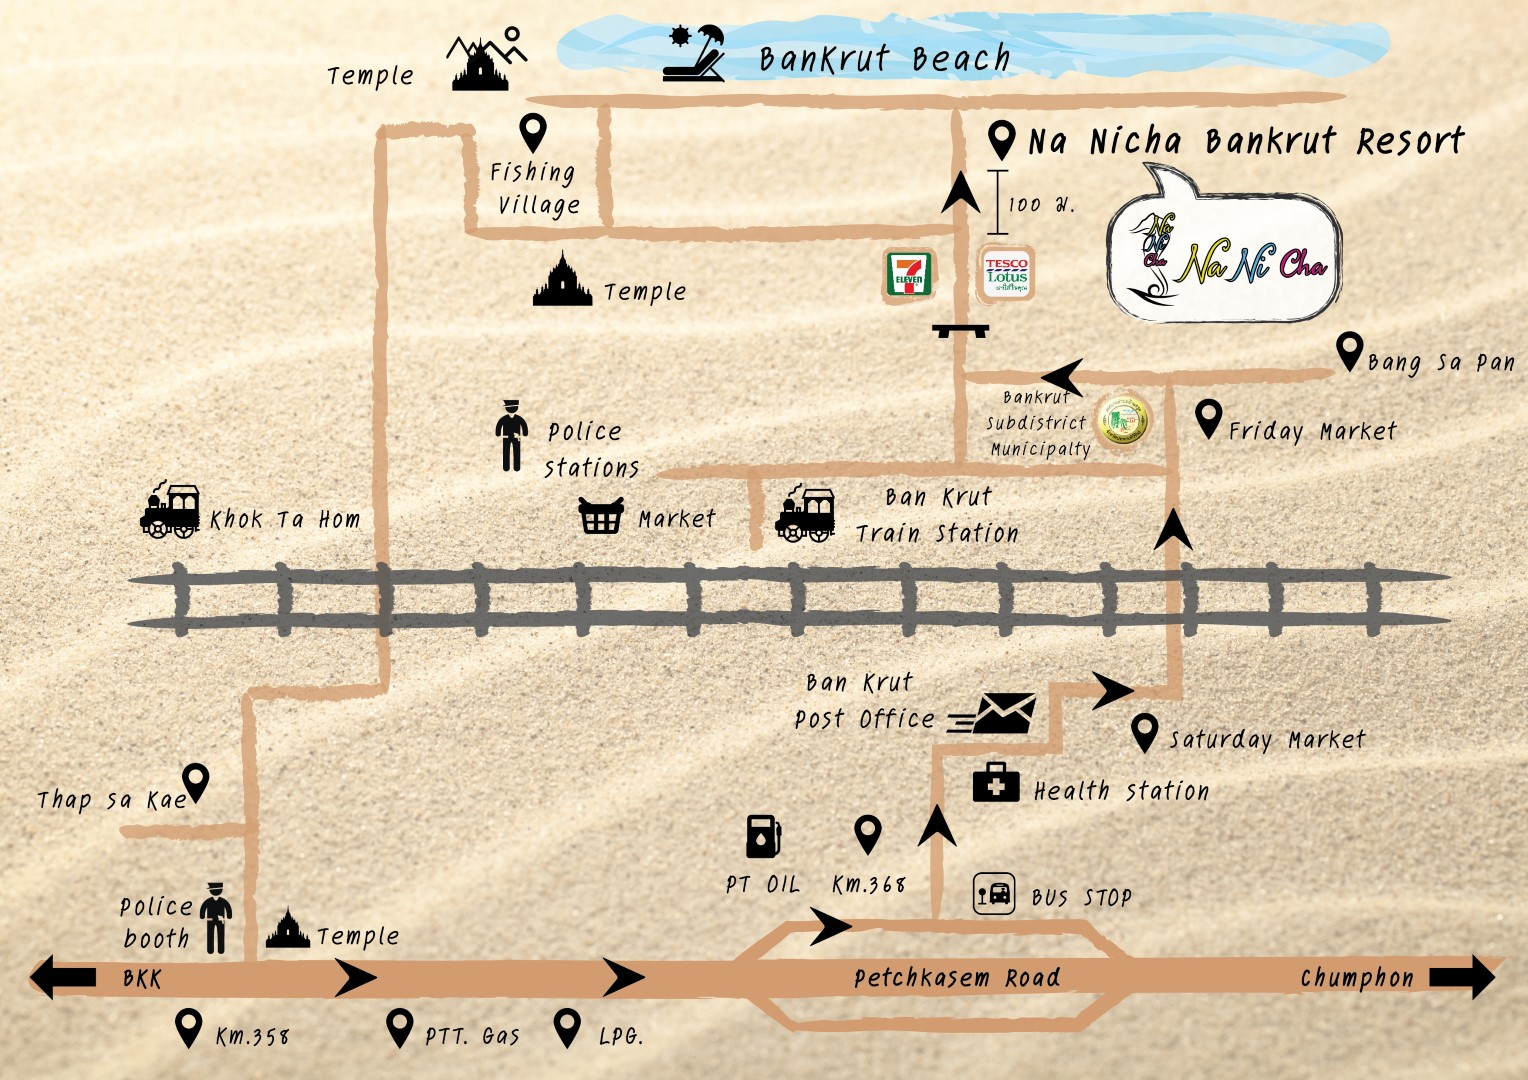 แผนที่ ณ นิชา บ้านกรูด รีสอร์ท